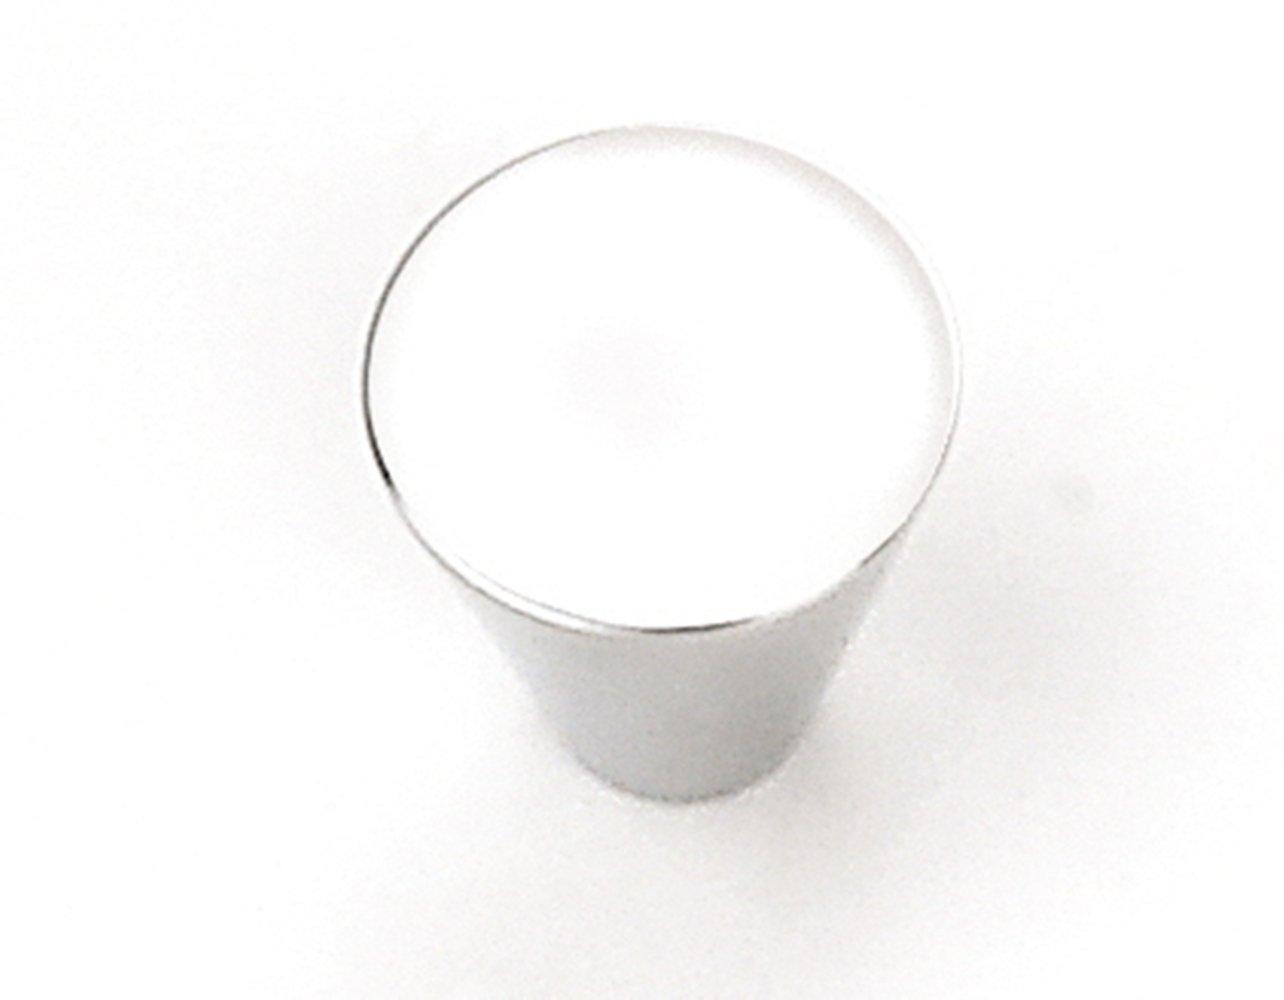 Black Nickel Laurey 26012 Cabinet Hardware 3//4-Inch Small Cone